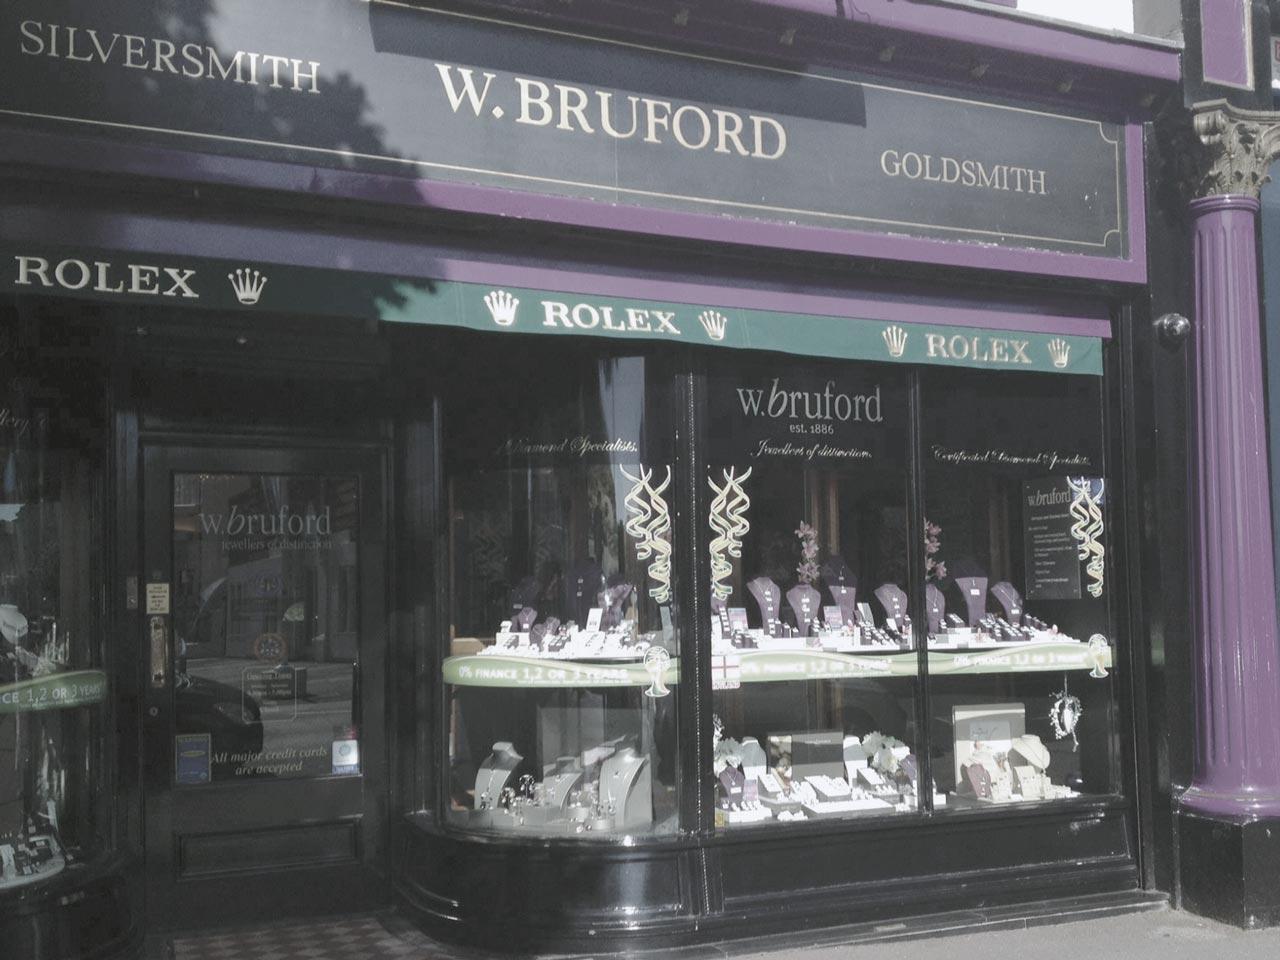 W. Bruford